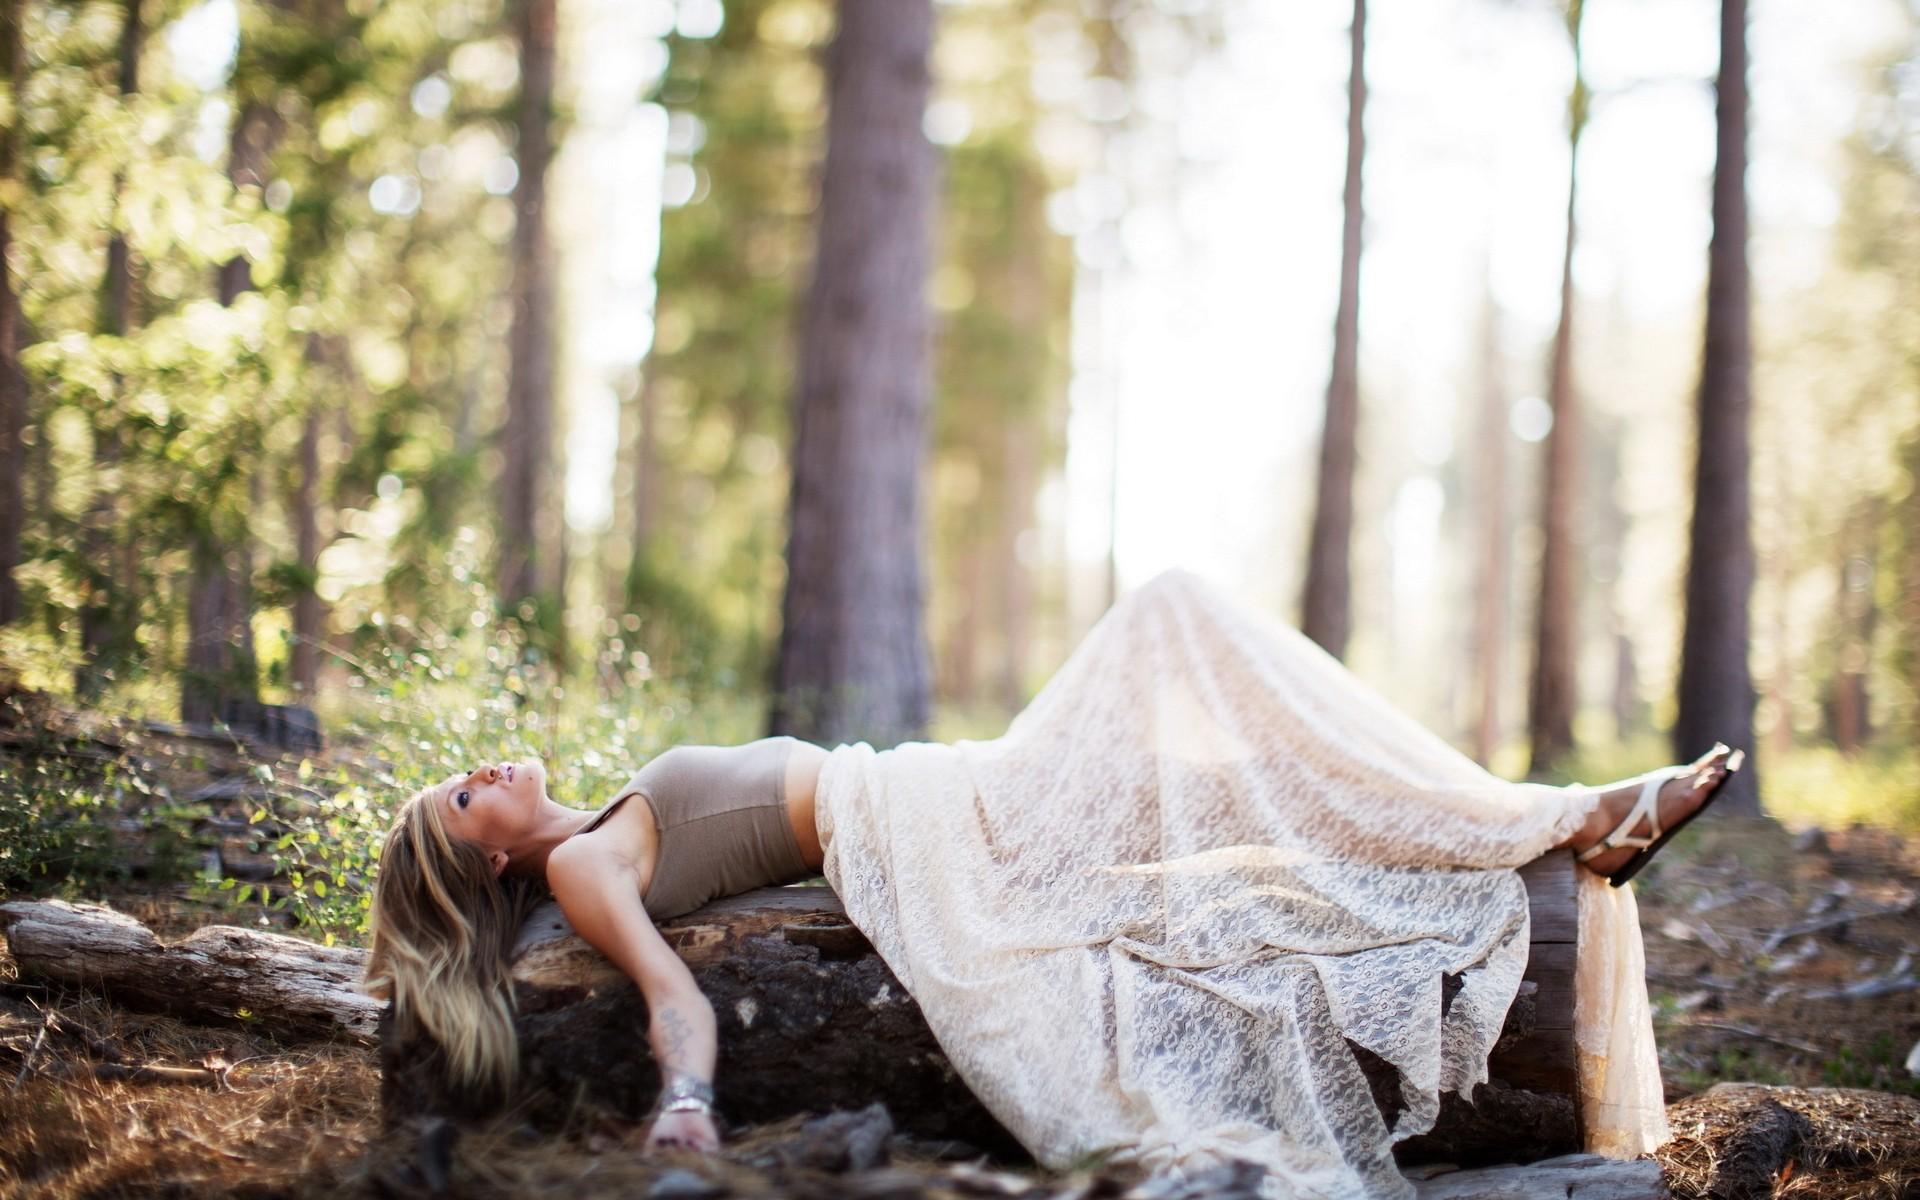 Интересные идеи для фотосессии в лесу фото